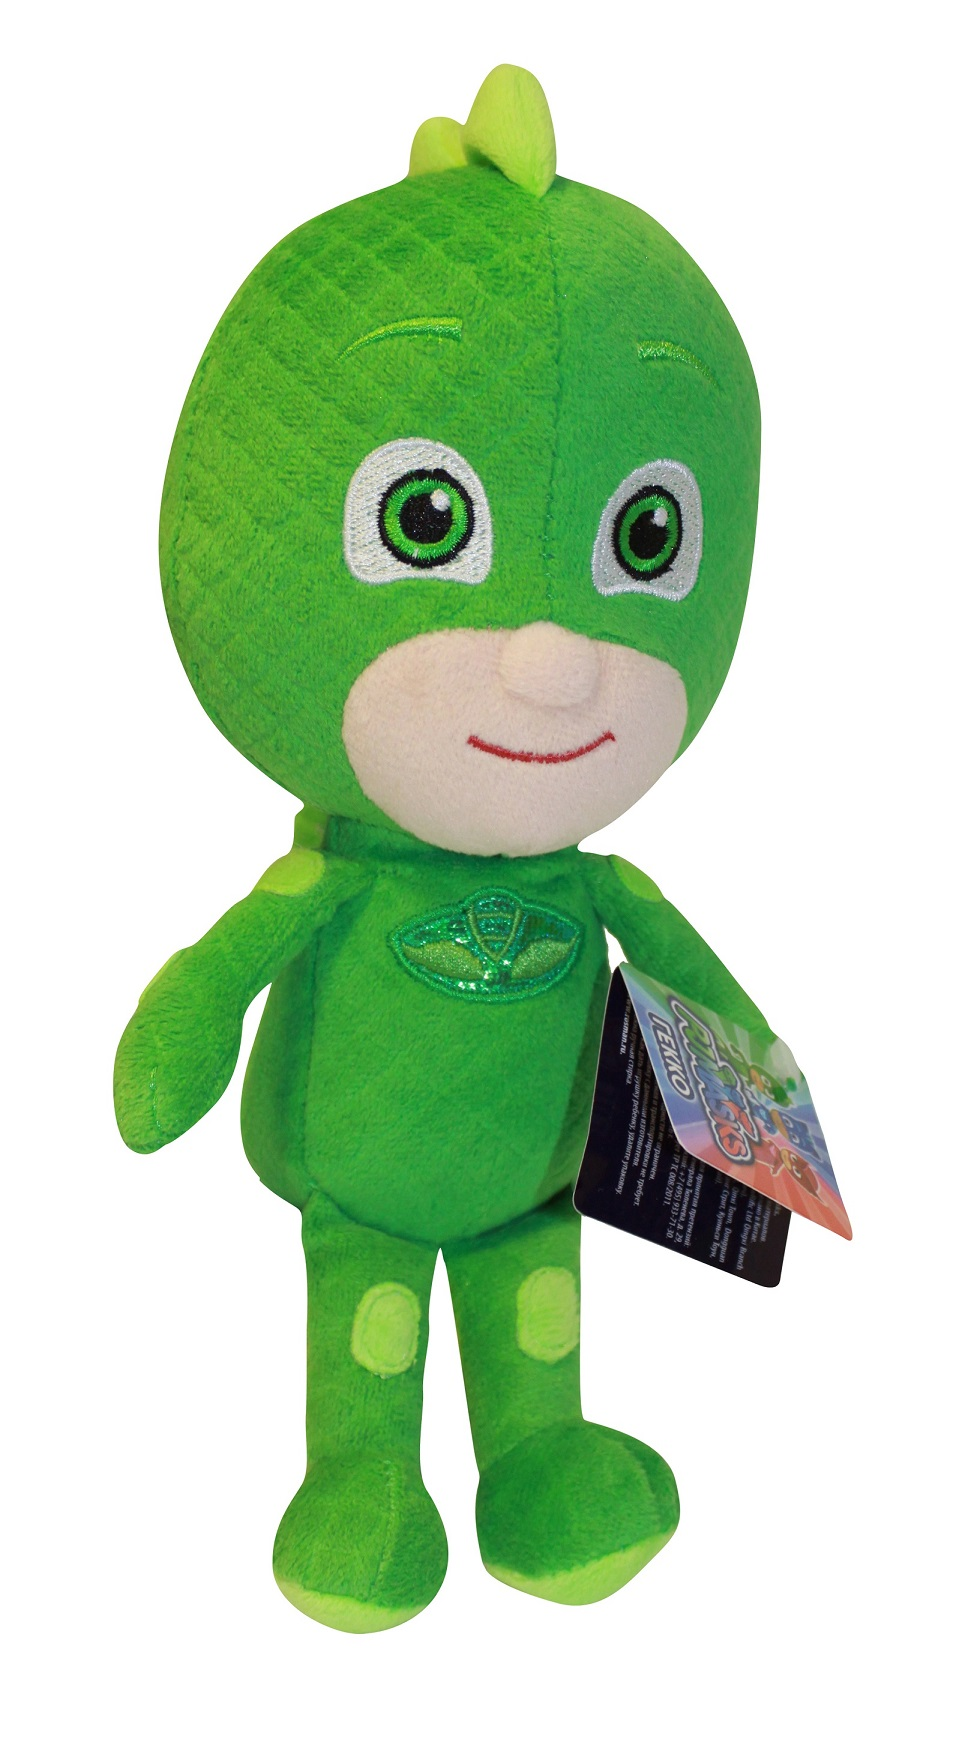 Мягкая игрушка Гекко из серии Герои в масках, 20 см.Герои в масках PJ Masks<br>Мягкая игрушка Гекко из серии Герои в масках, 20 см.<br>